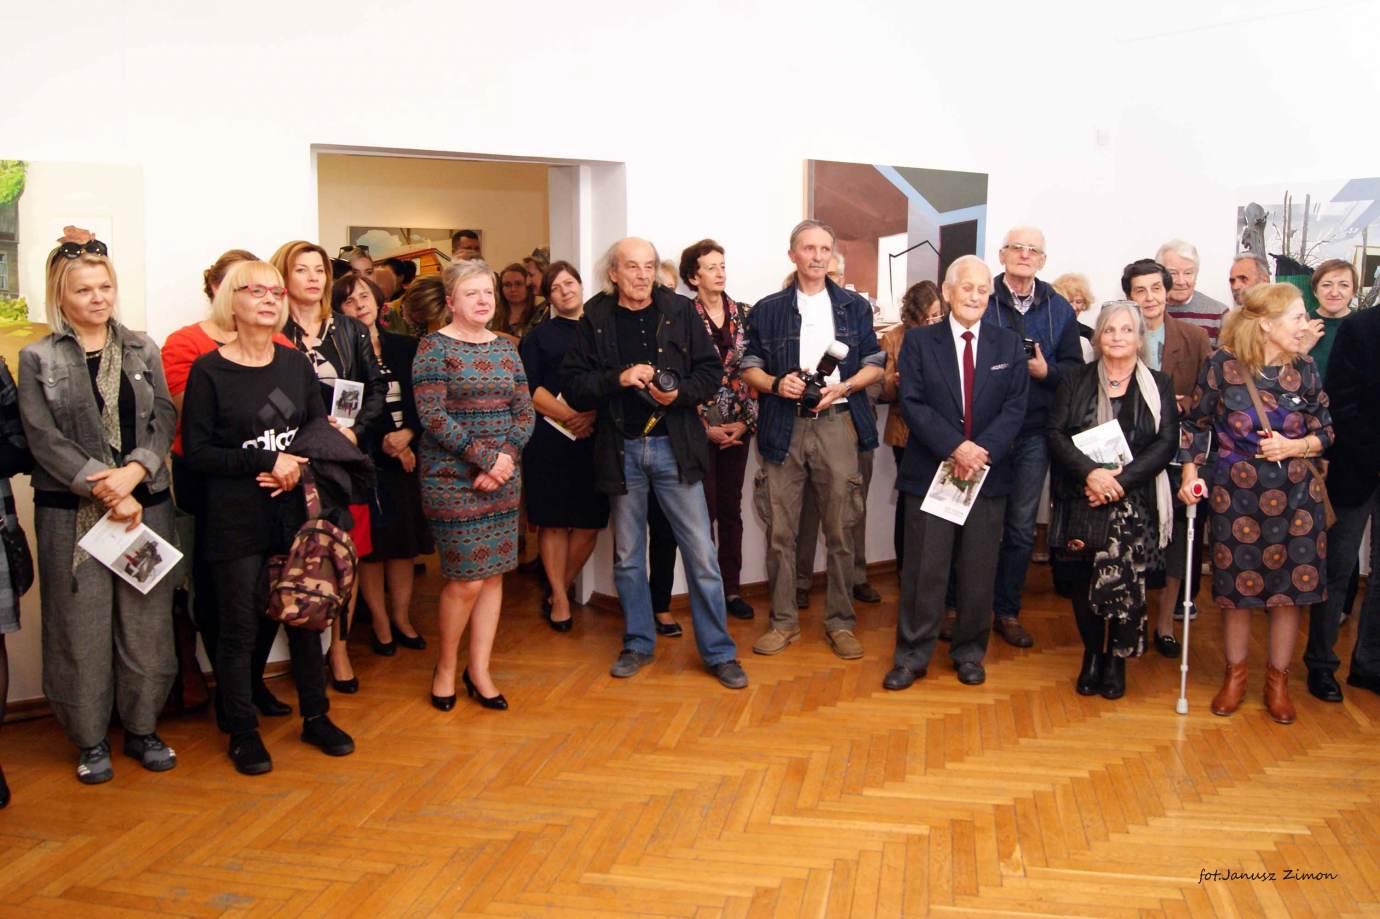 piotr tymochowicz bwa galeria zamojska fot janusz zimon 4 1 Zamość: Wernisaż wystawy Piotra Tymochowicza